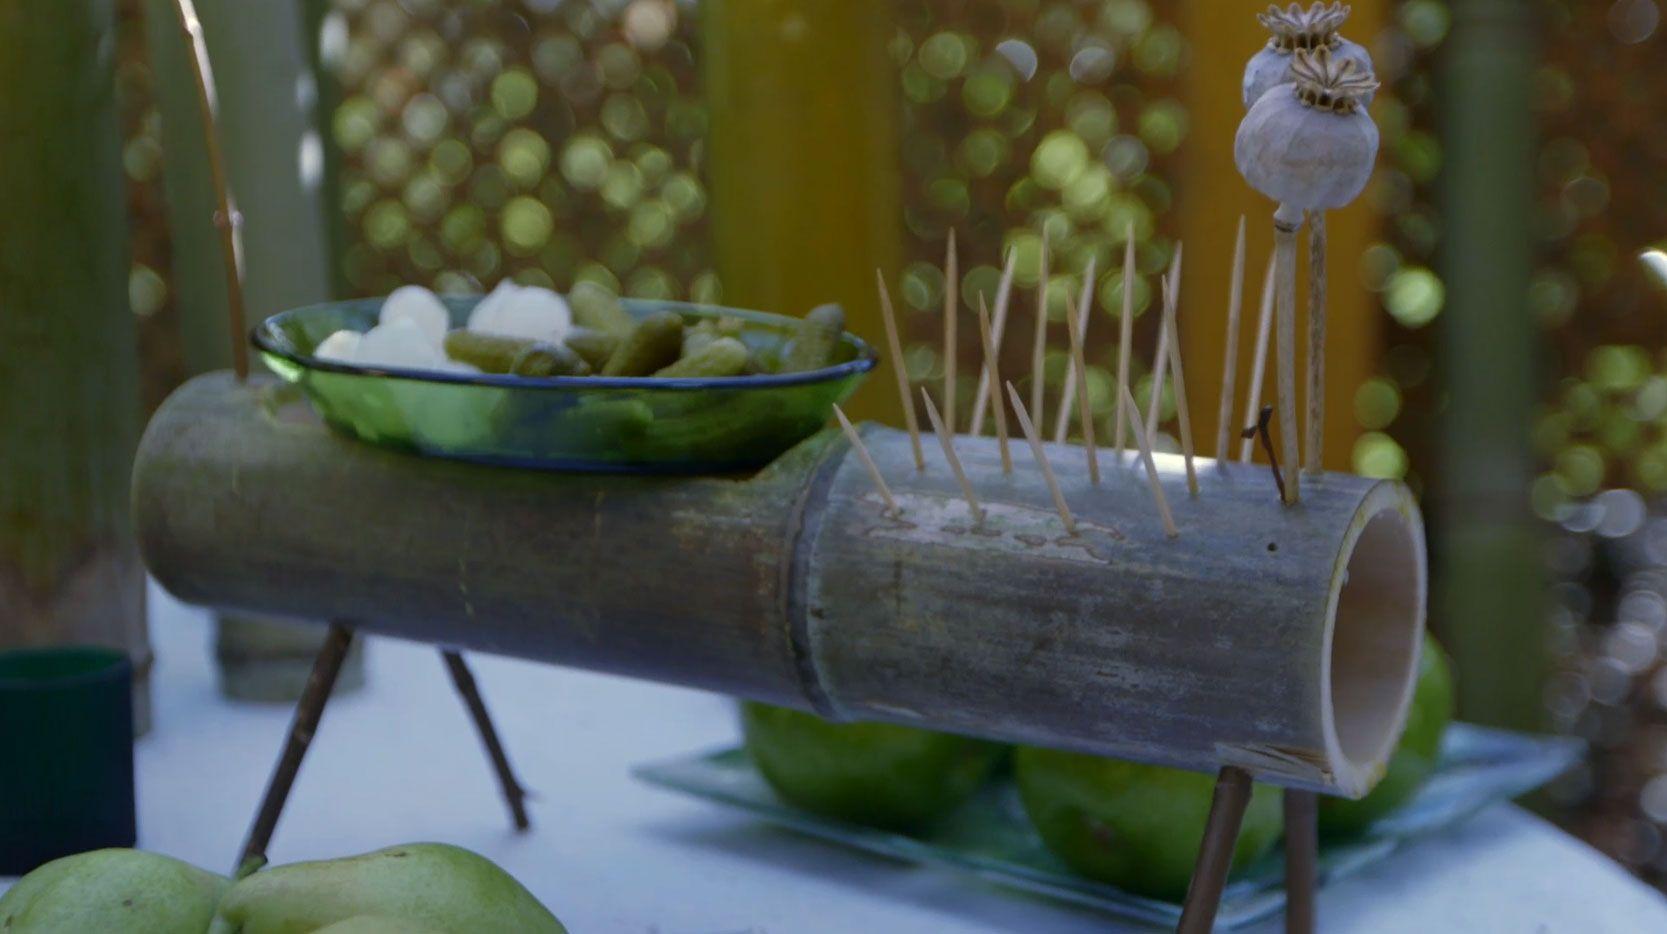 Tiestos y recipientes con tallos de bamb bricoman a - Bricomania jardineria ...